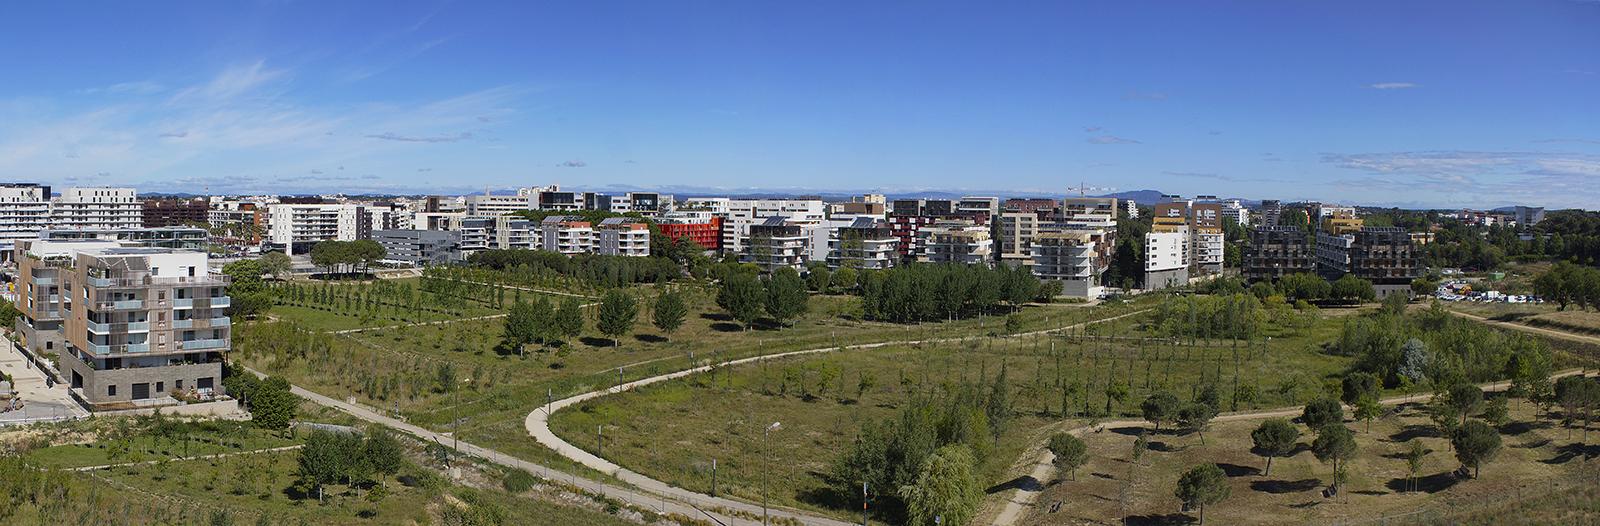 Dans la poursuite de la requalification de l'avenue Raymond Dugrand et des aménagements du quartier Parc Marianne, la Ville de Montpellier lance la réalisation d'un miroir d'eau à l'entrée du Parc Georges Charpak.